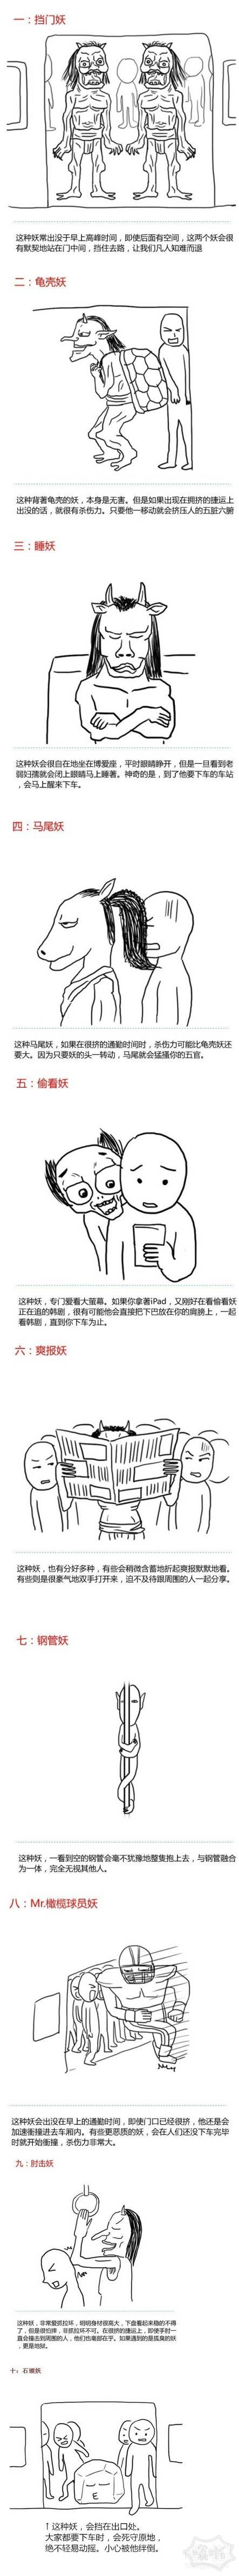 北京上班族挤地铁犹如西天取经,一路糟遇的各种妖怪